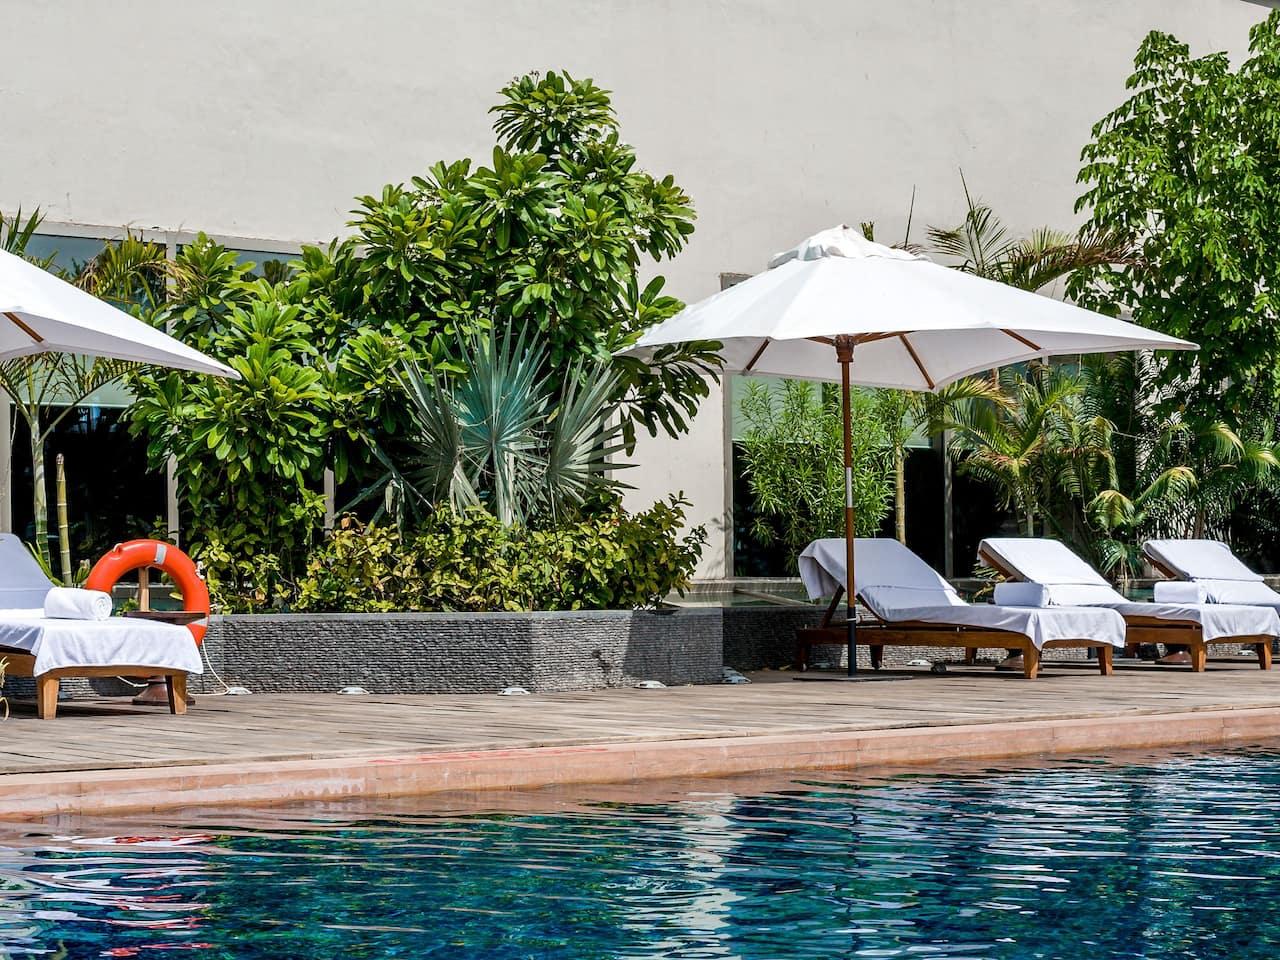 Hyatt Ahmedabad, The Pool